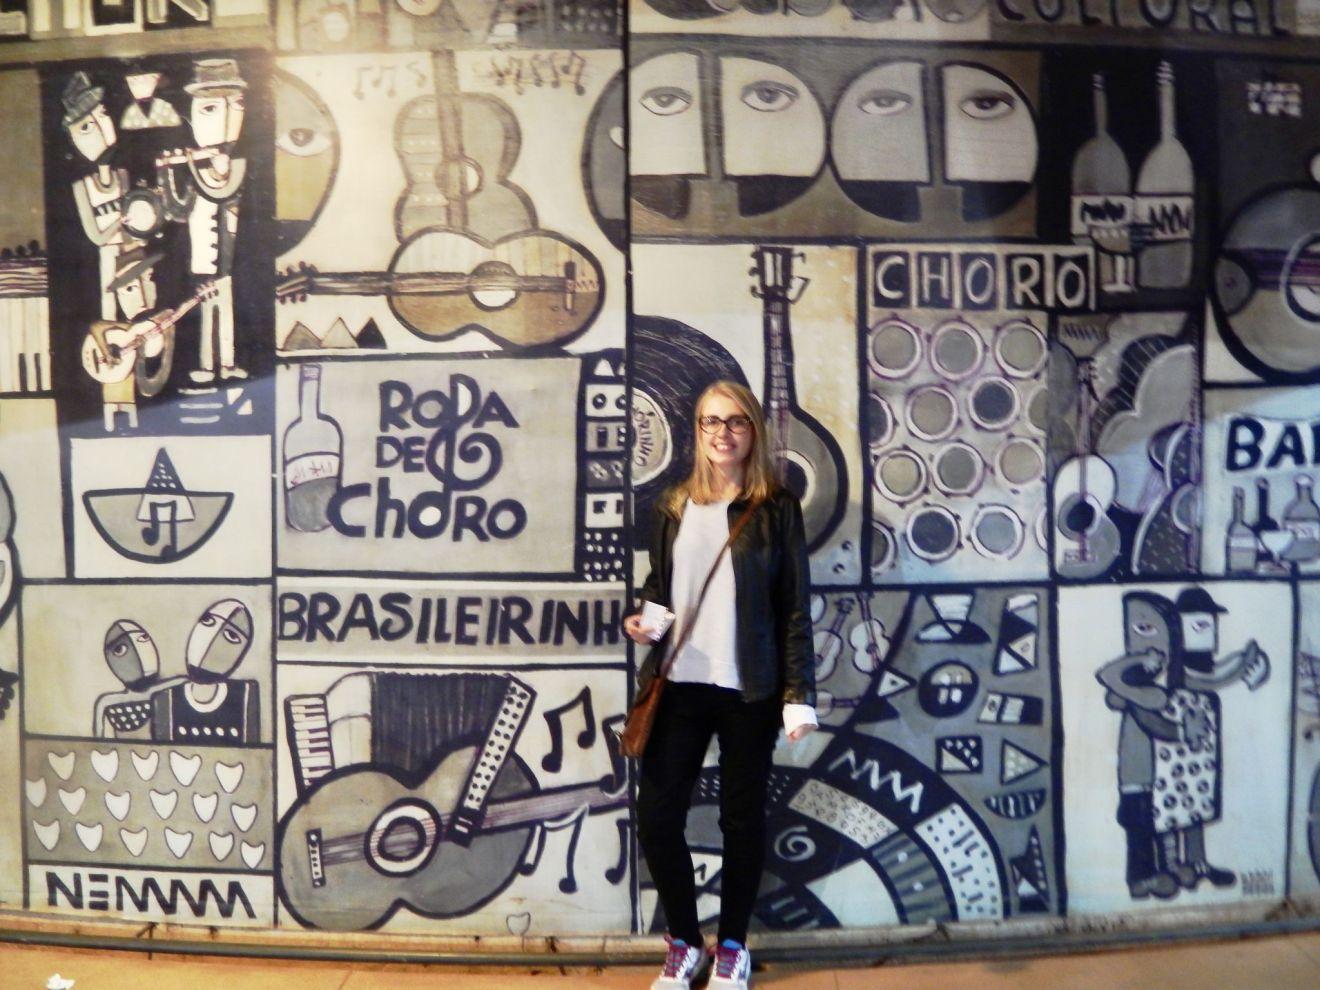 Outside mural of Clube de Choro Brasília